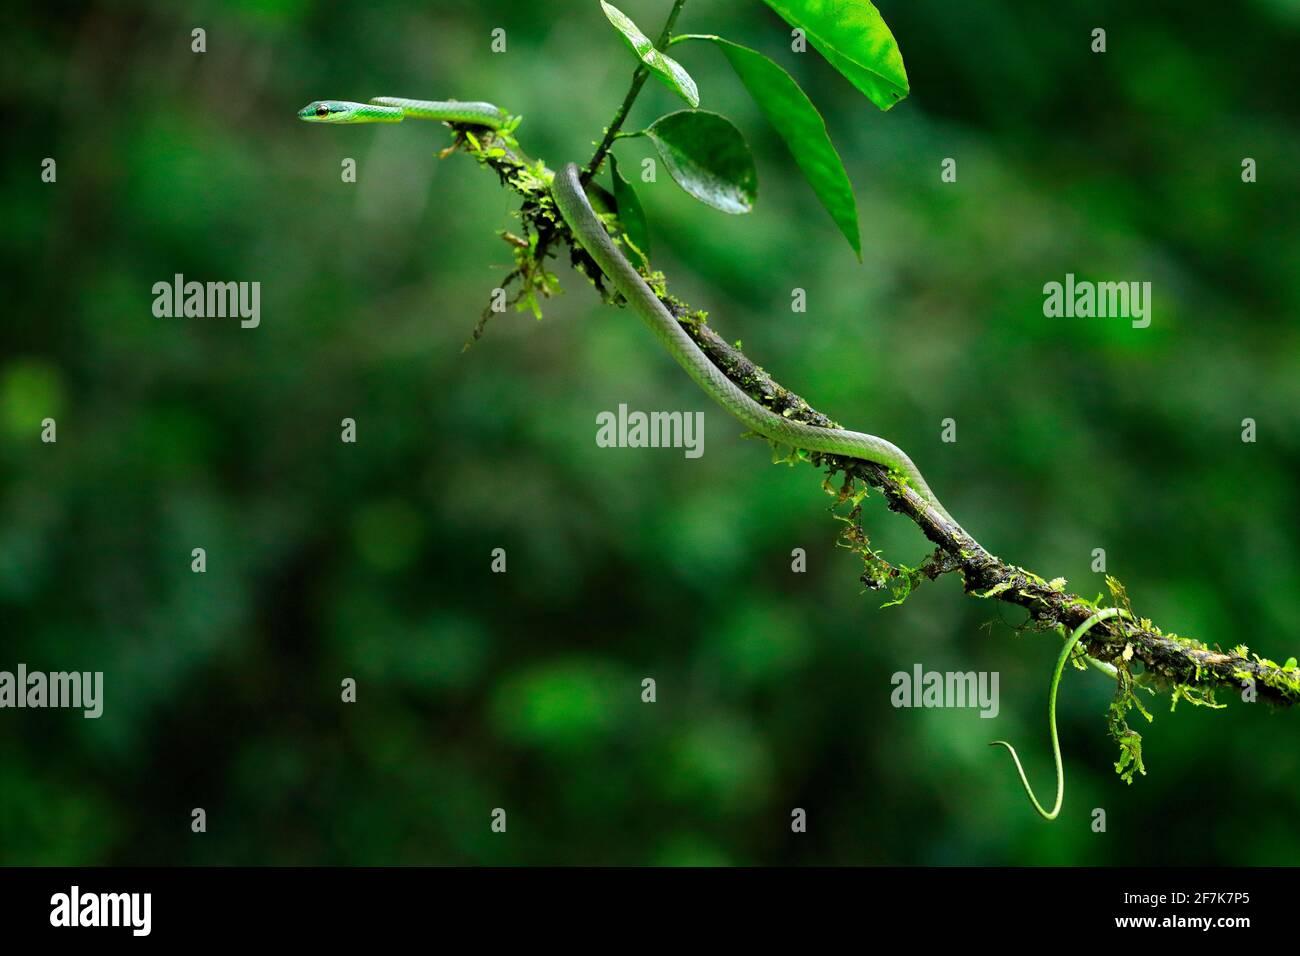 Oxybelis brevirostris, serpent à nez court de Cope, serpent rouge dans la végétation verte. Reptile forestier dans l'habitat, sur la branche des arbres, Costa Rica. Wi Banque D'Images